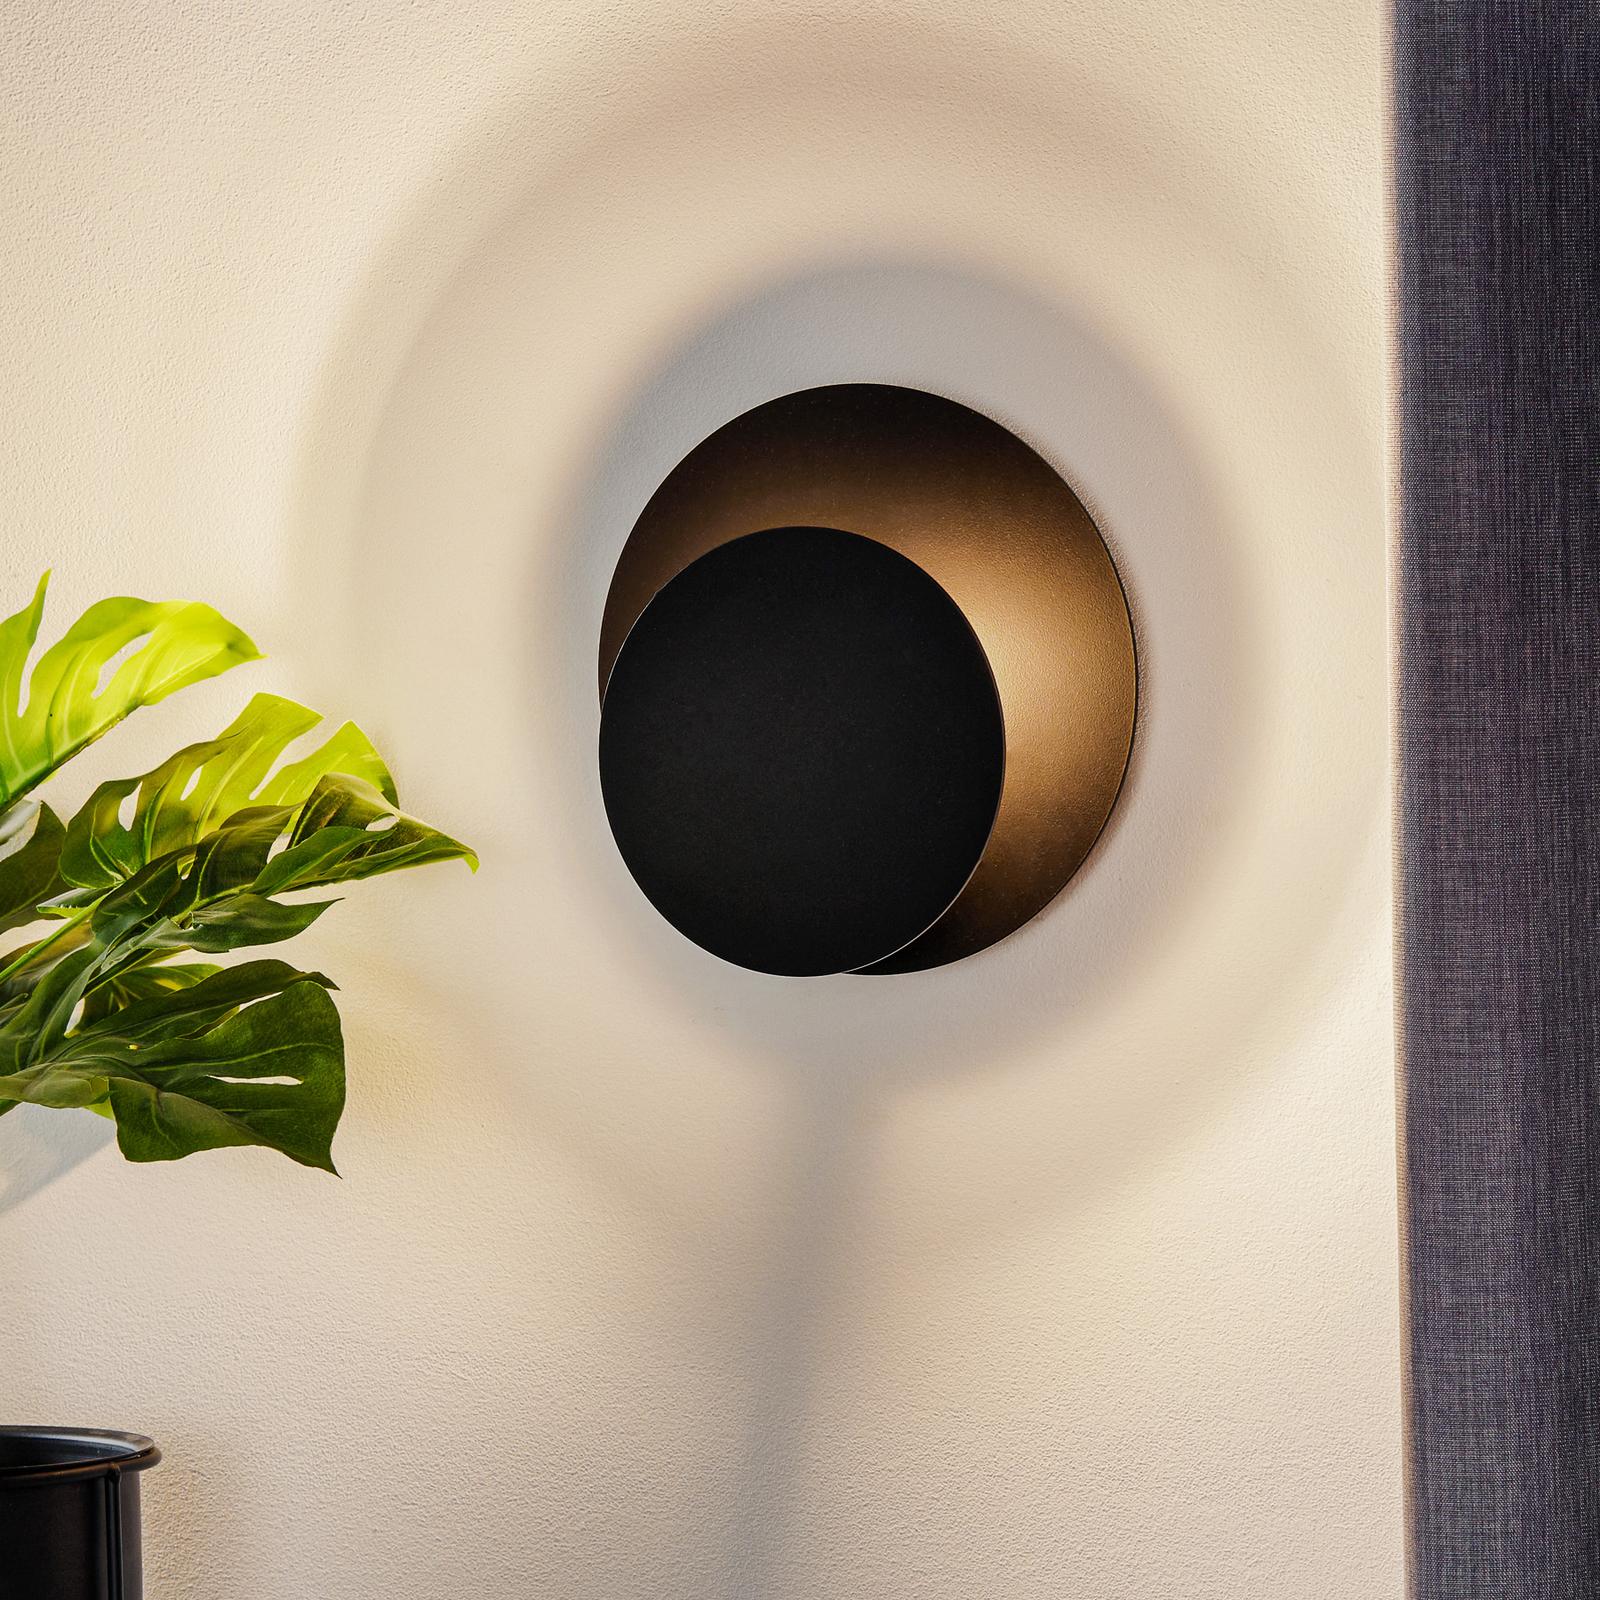 Kinkiet Circle o okrągłym kształcie, czarny